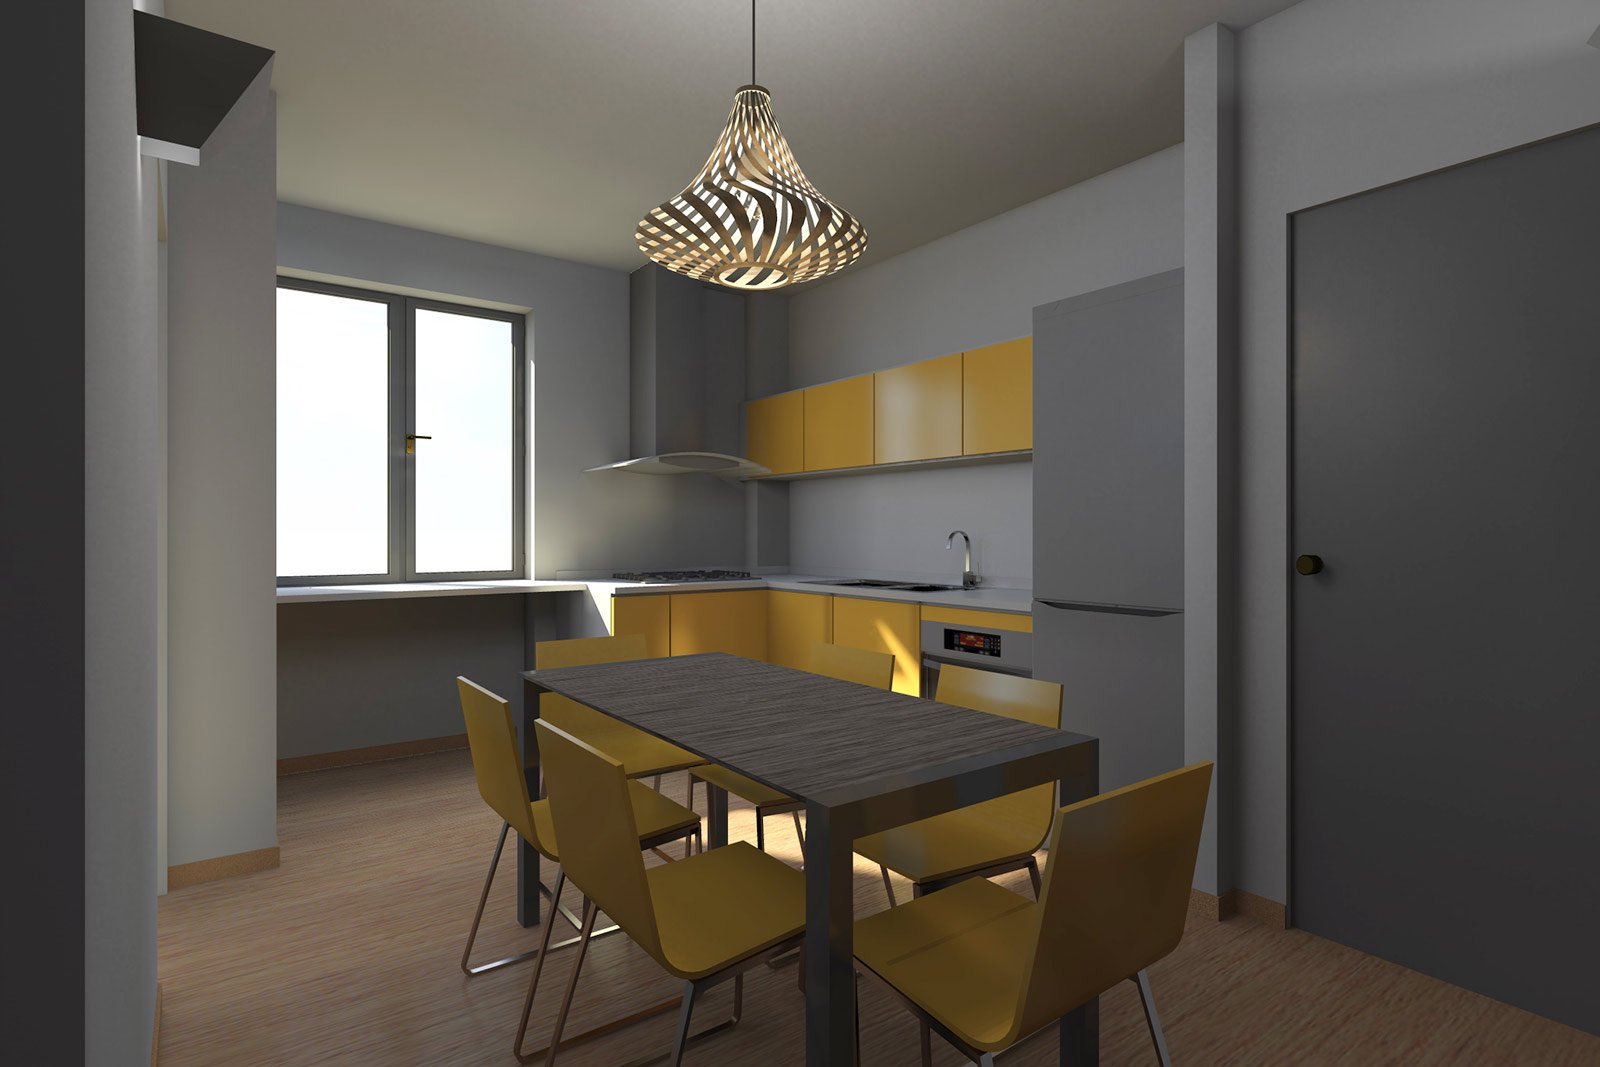 Zona giorno open space: come separare le funzioni - Cose di Casa